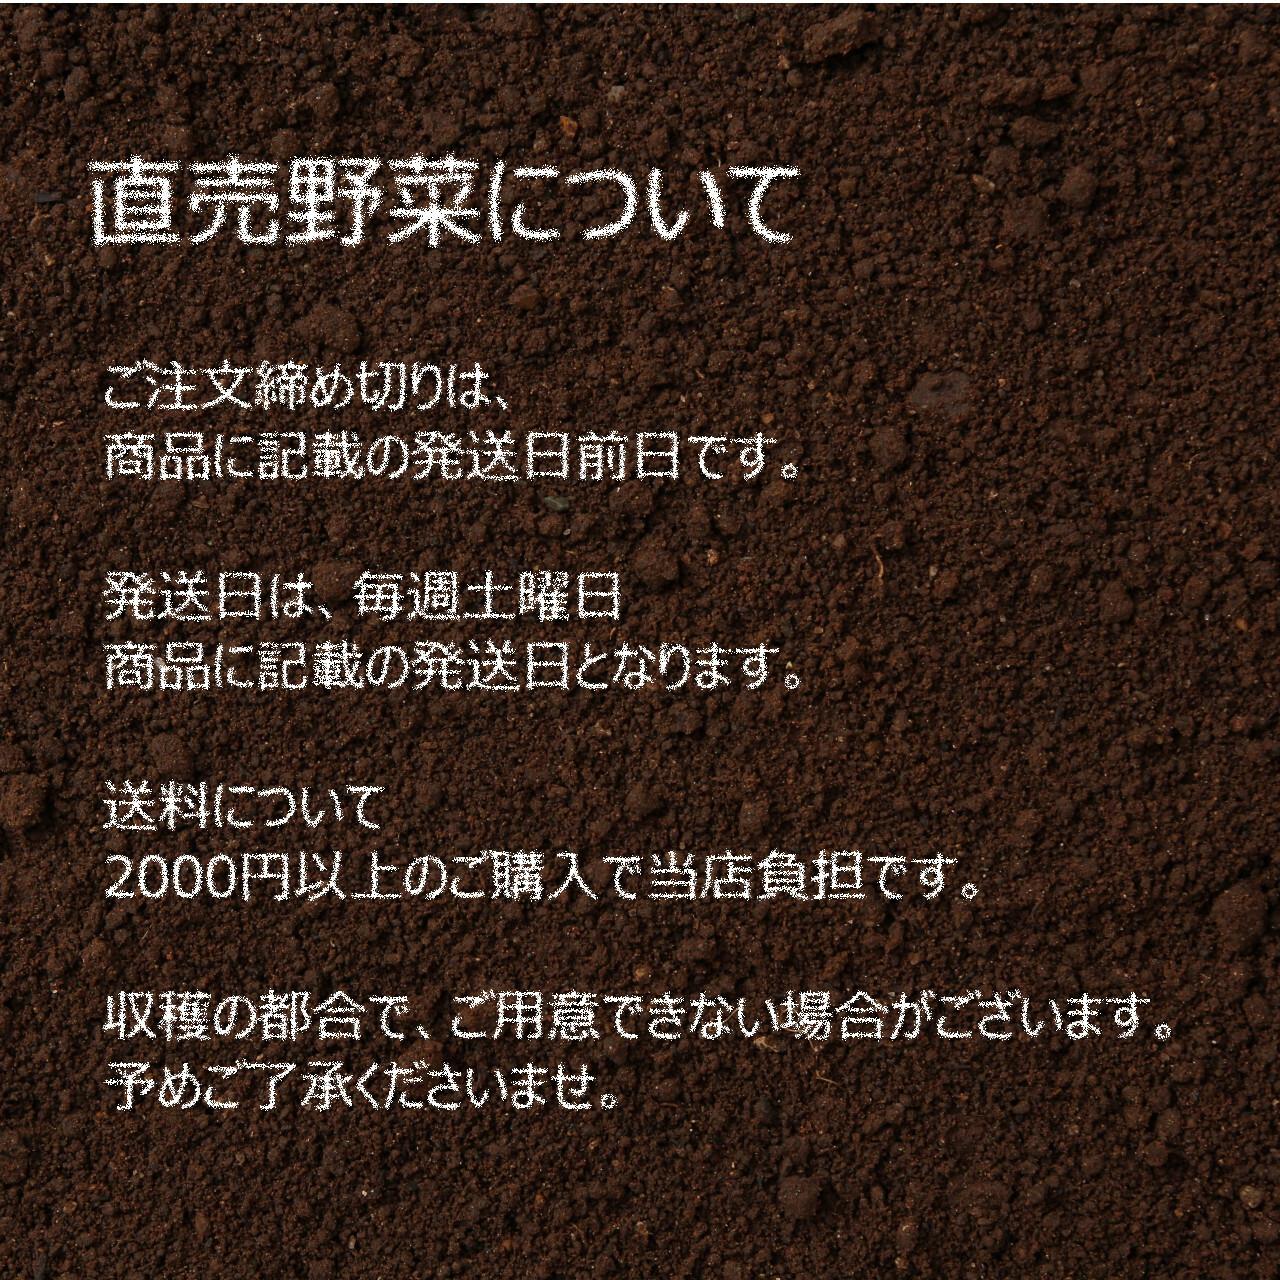 インゲン 約100g: 6月の朝採り直売野菜  6月22日発送予定